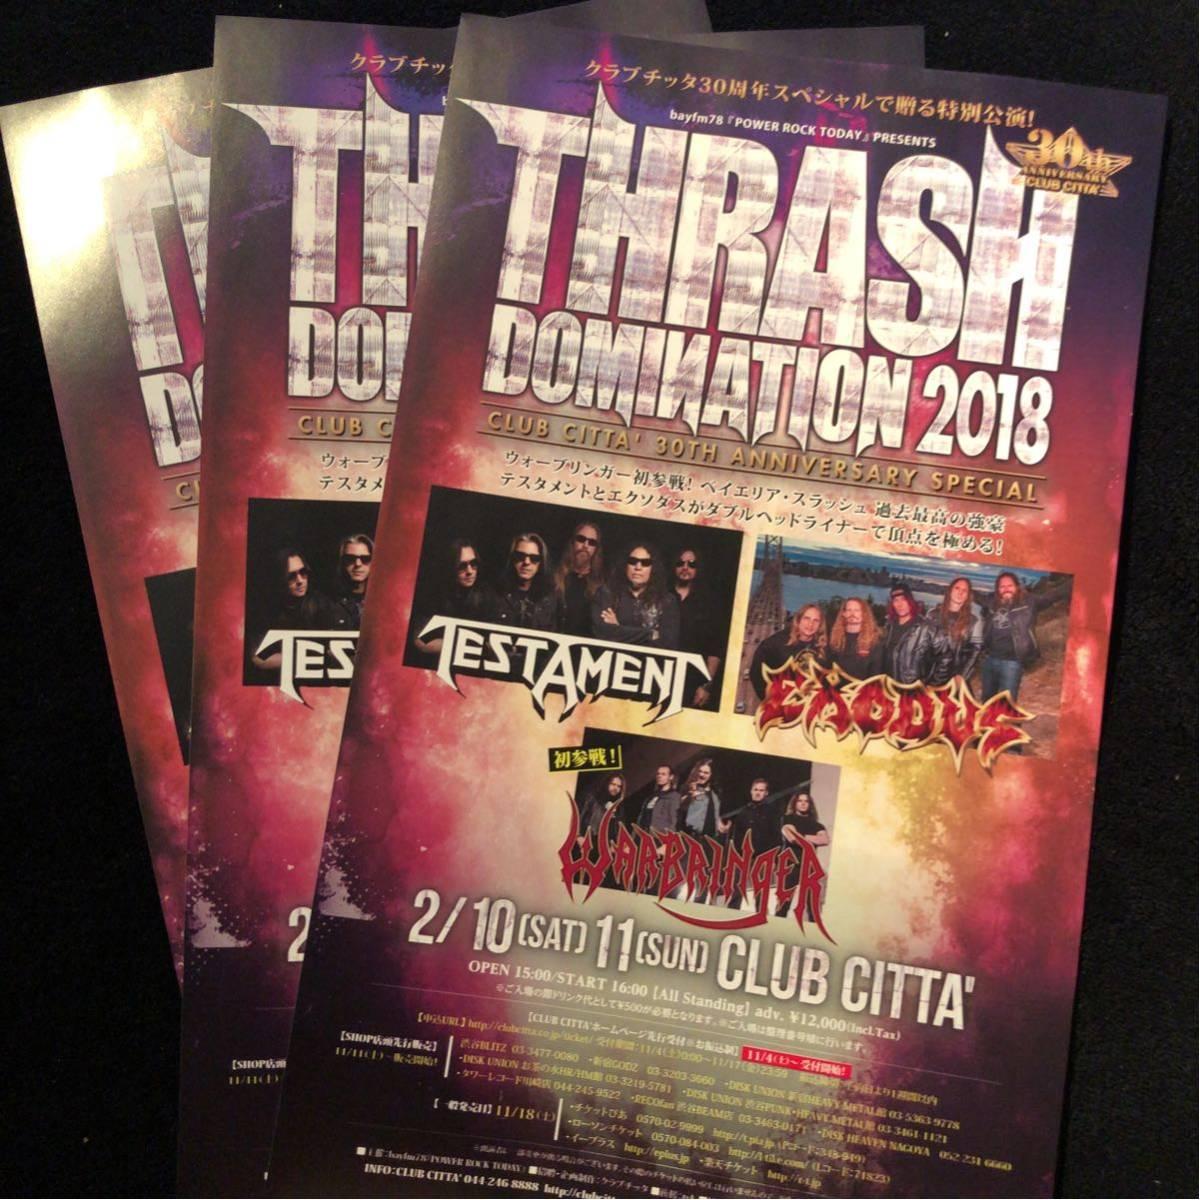 フェスチラシ★Thrash Domination 2018 / スラッシュ・ドミネーション 3枚セット